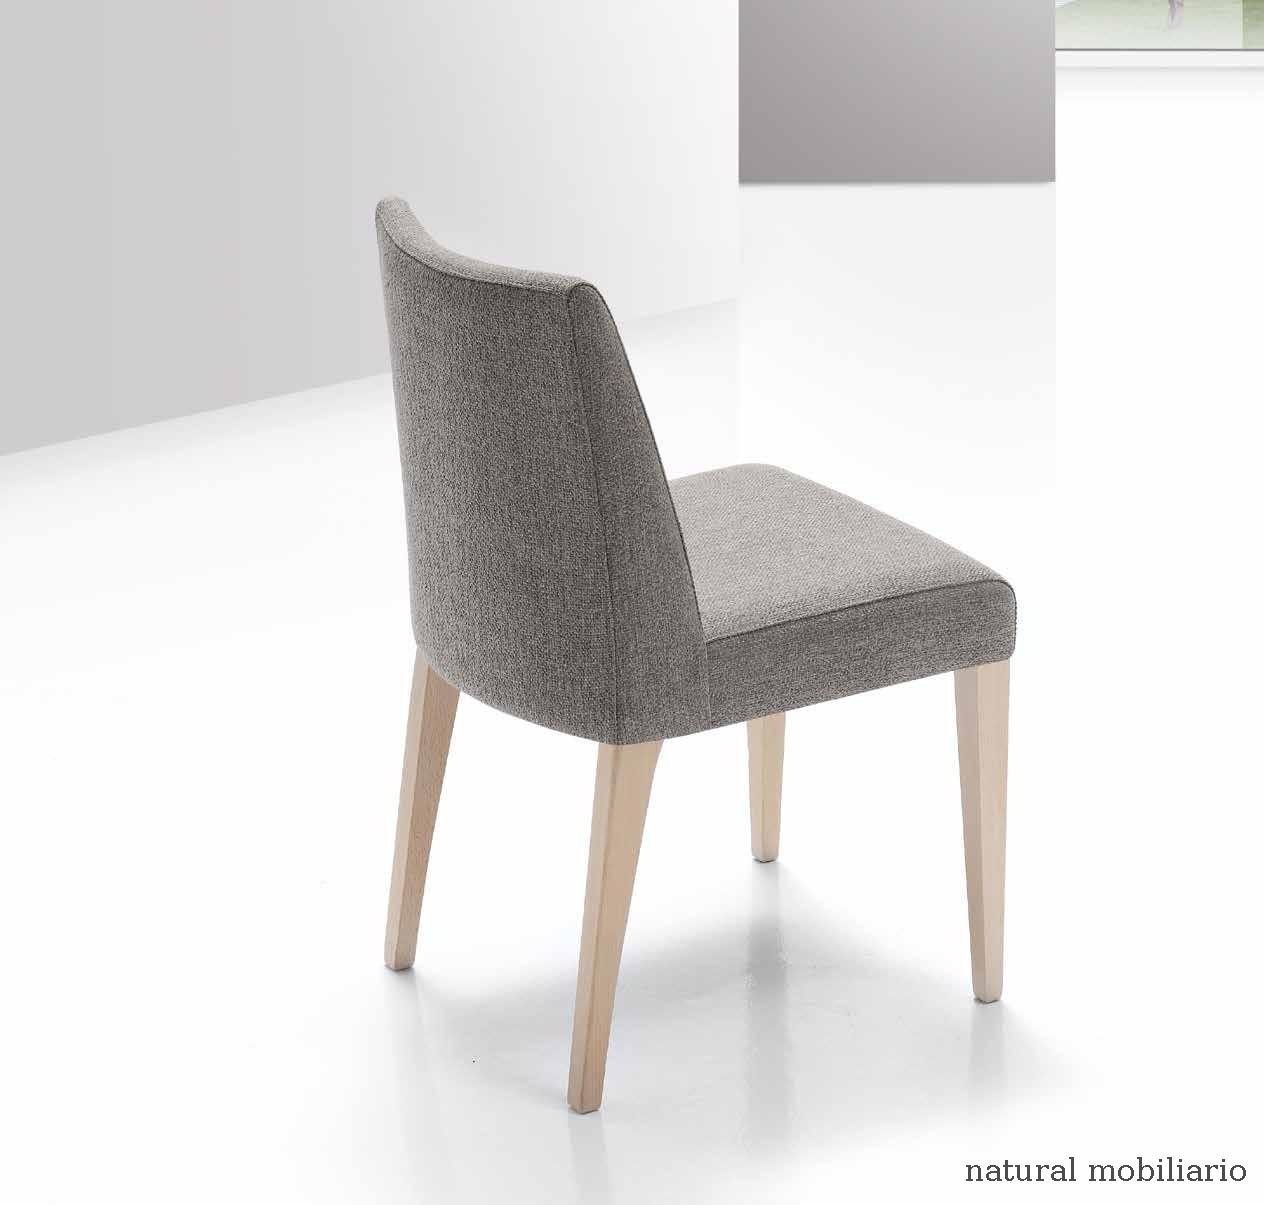 Muebles promociones de sillas mas barato silla modesto y navarro luz